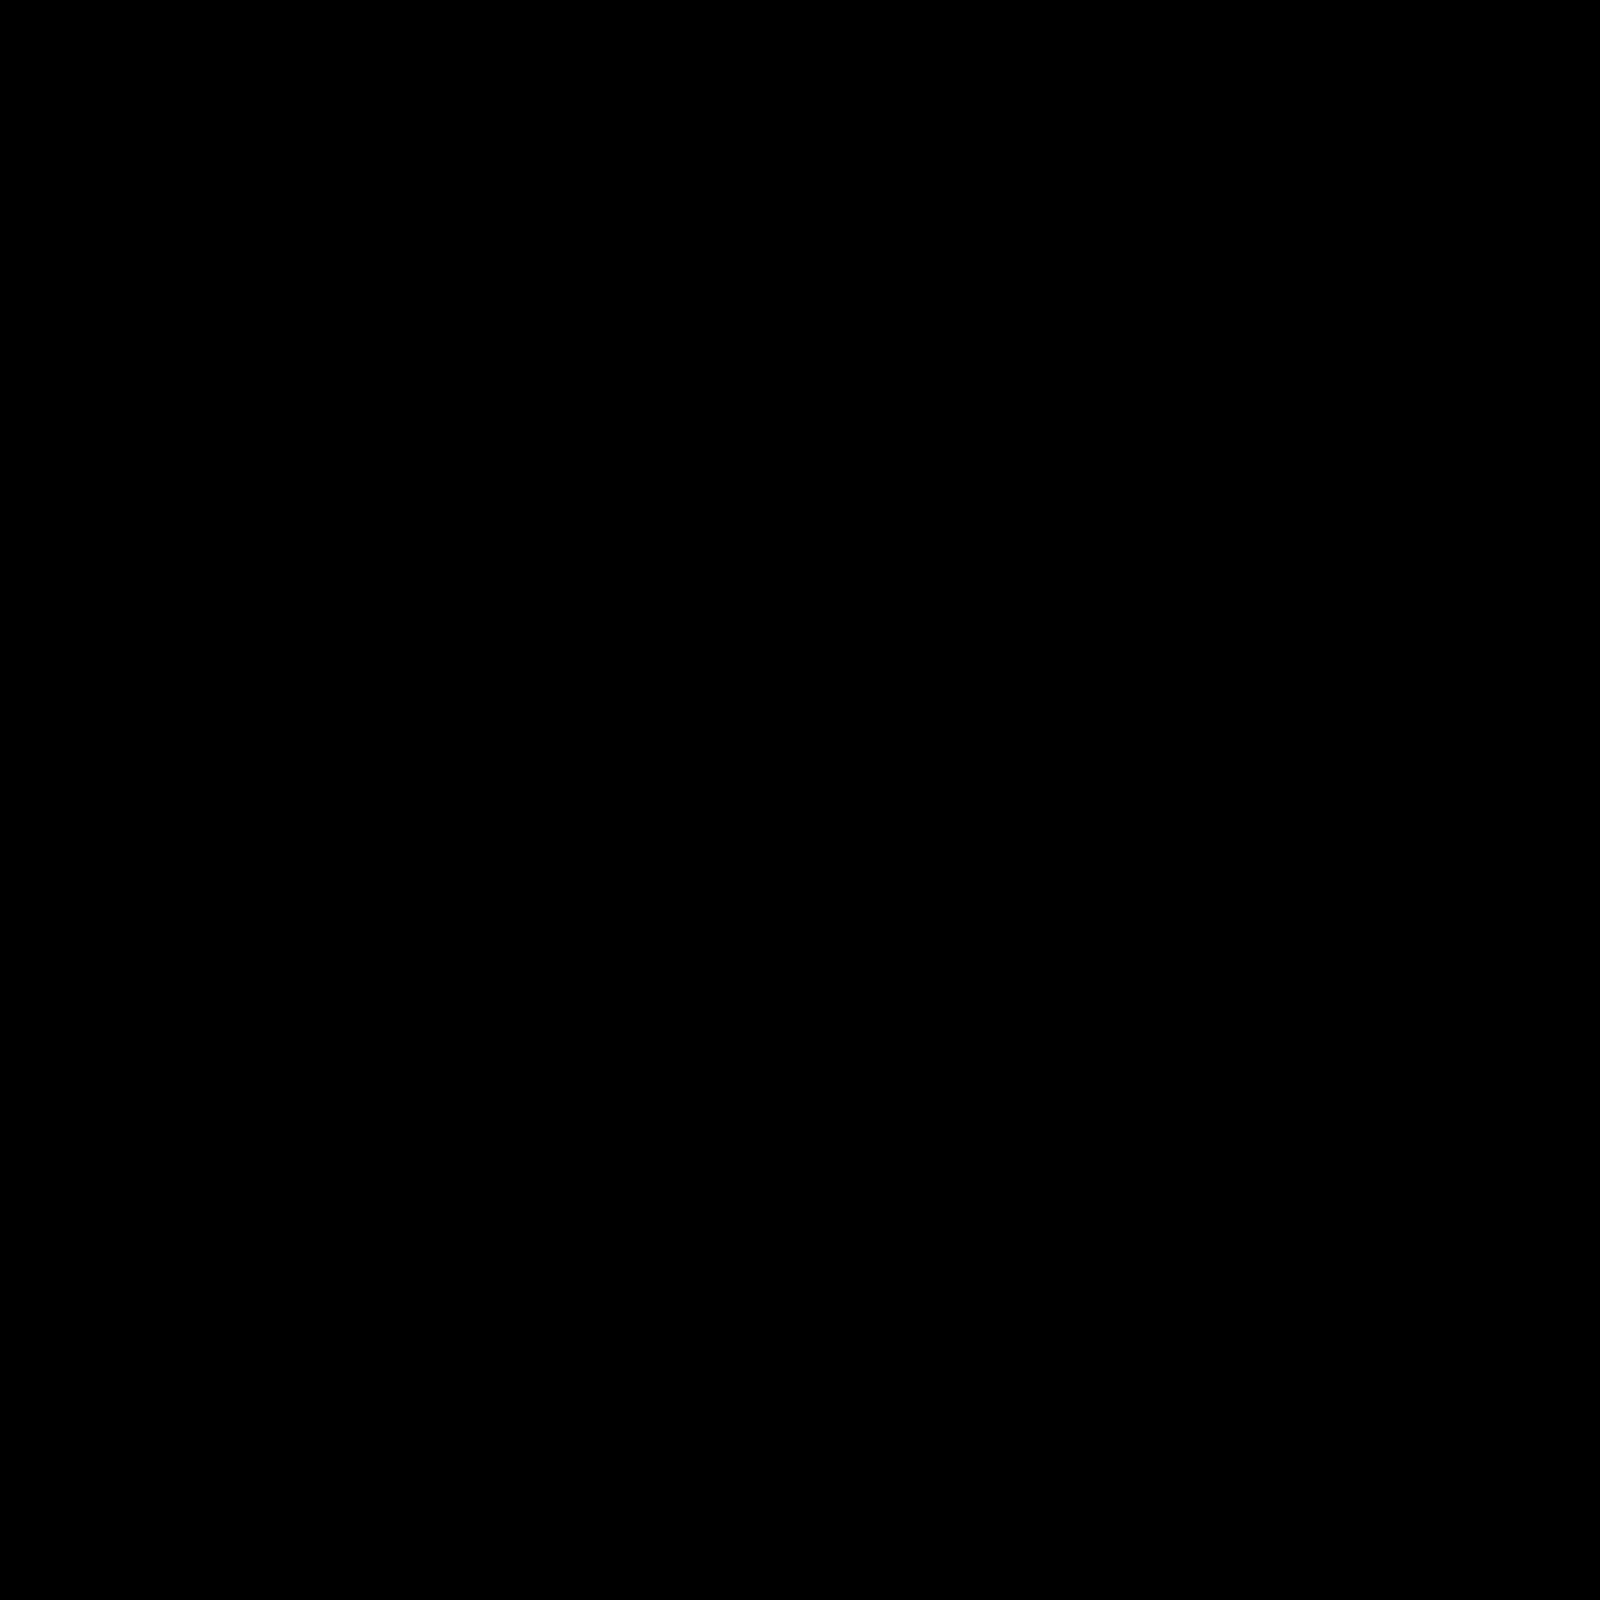 Nowa ikona dodawania użytkownika (męskiego) icon